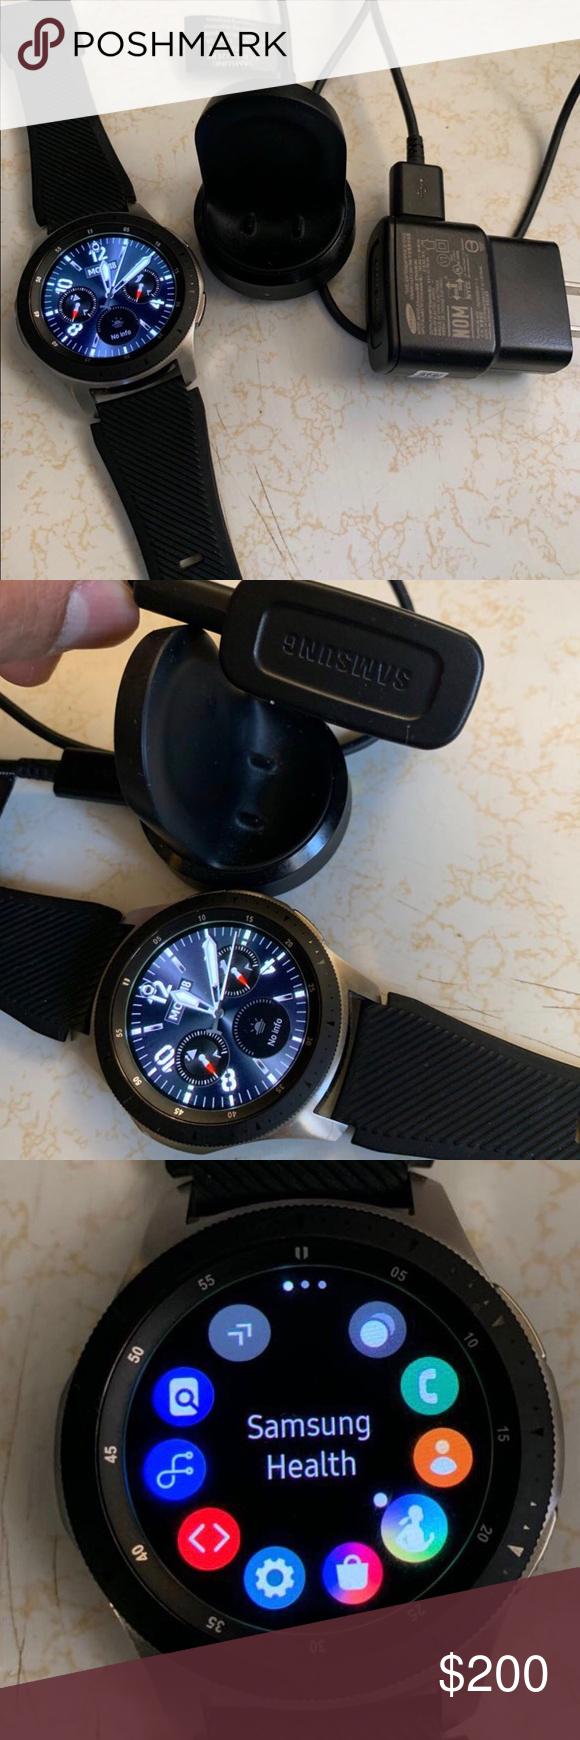 Samsung Gear S3 Frontier Smart Watch Dark Gray Samsung